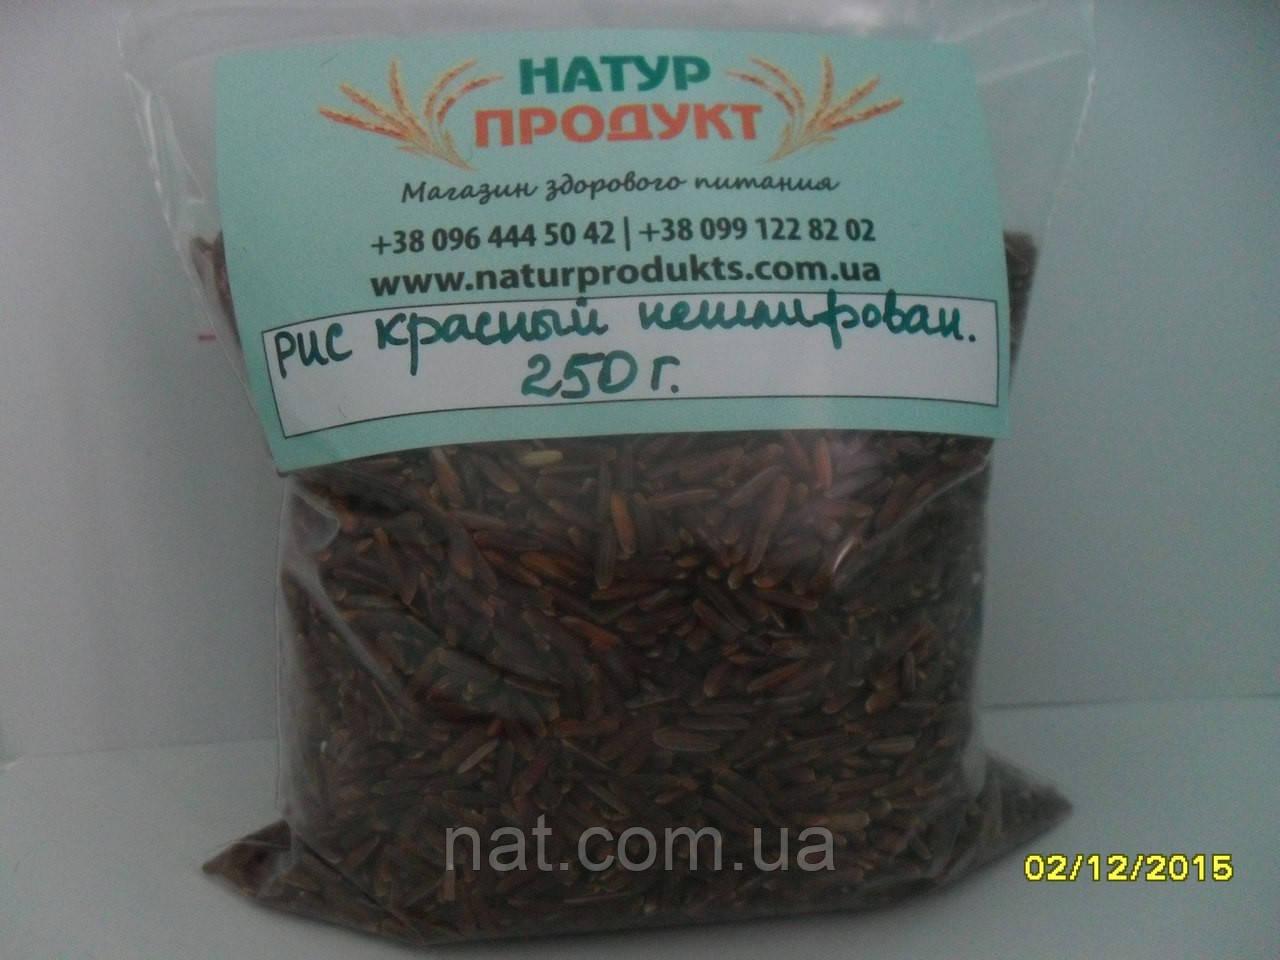 Рис красный (нешлифованый), 250 г